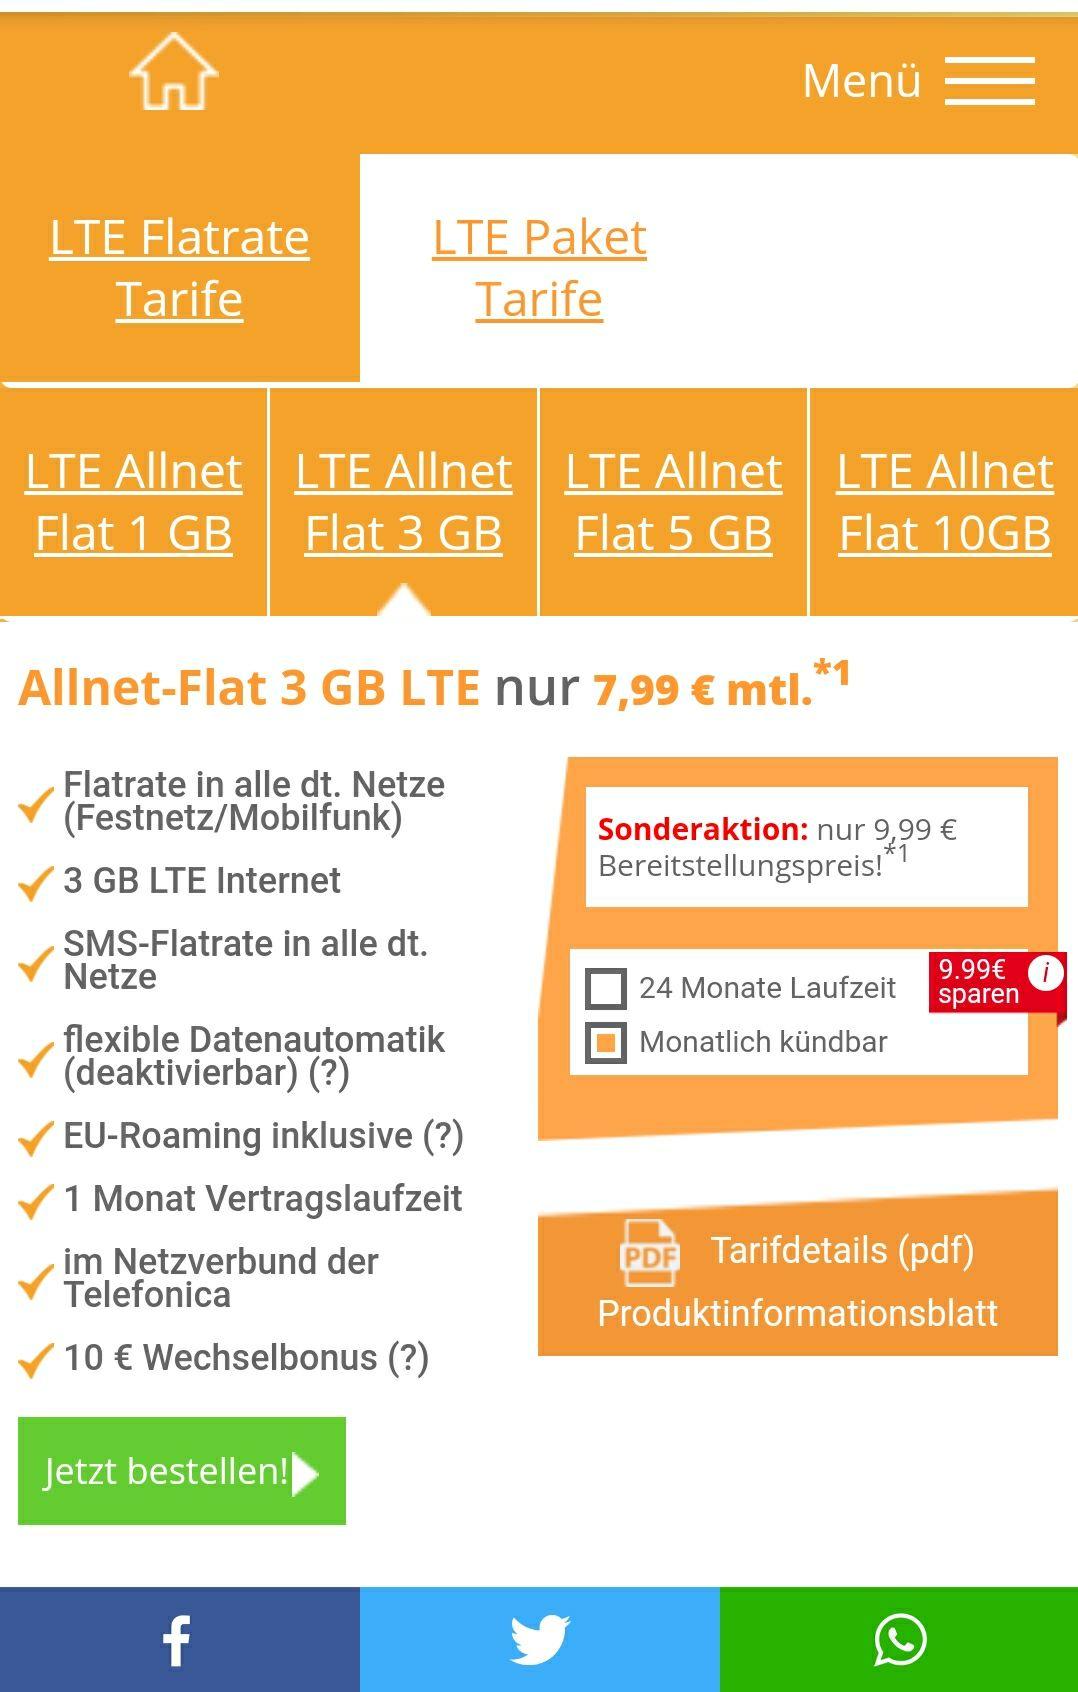 3gb Allnet flat Telefonica LTE für 6.99/Monat monatlich kündbar oder 24 Monate mit 9.99 Bonus